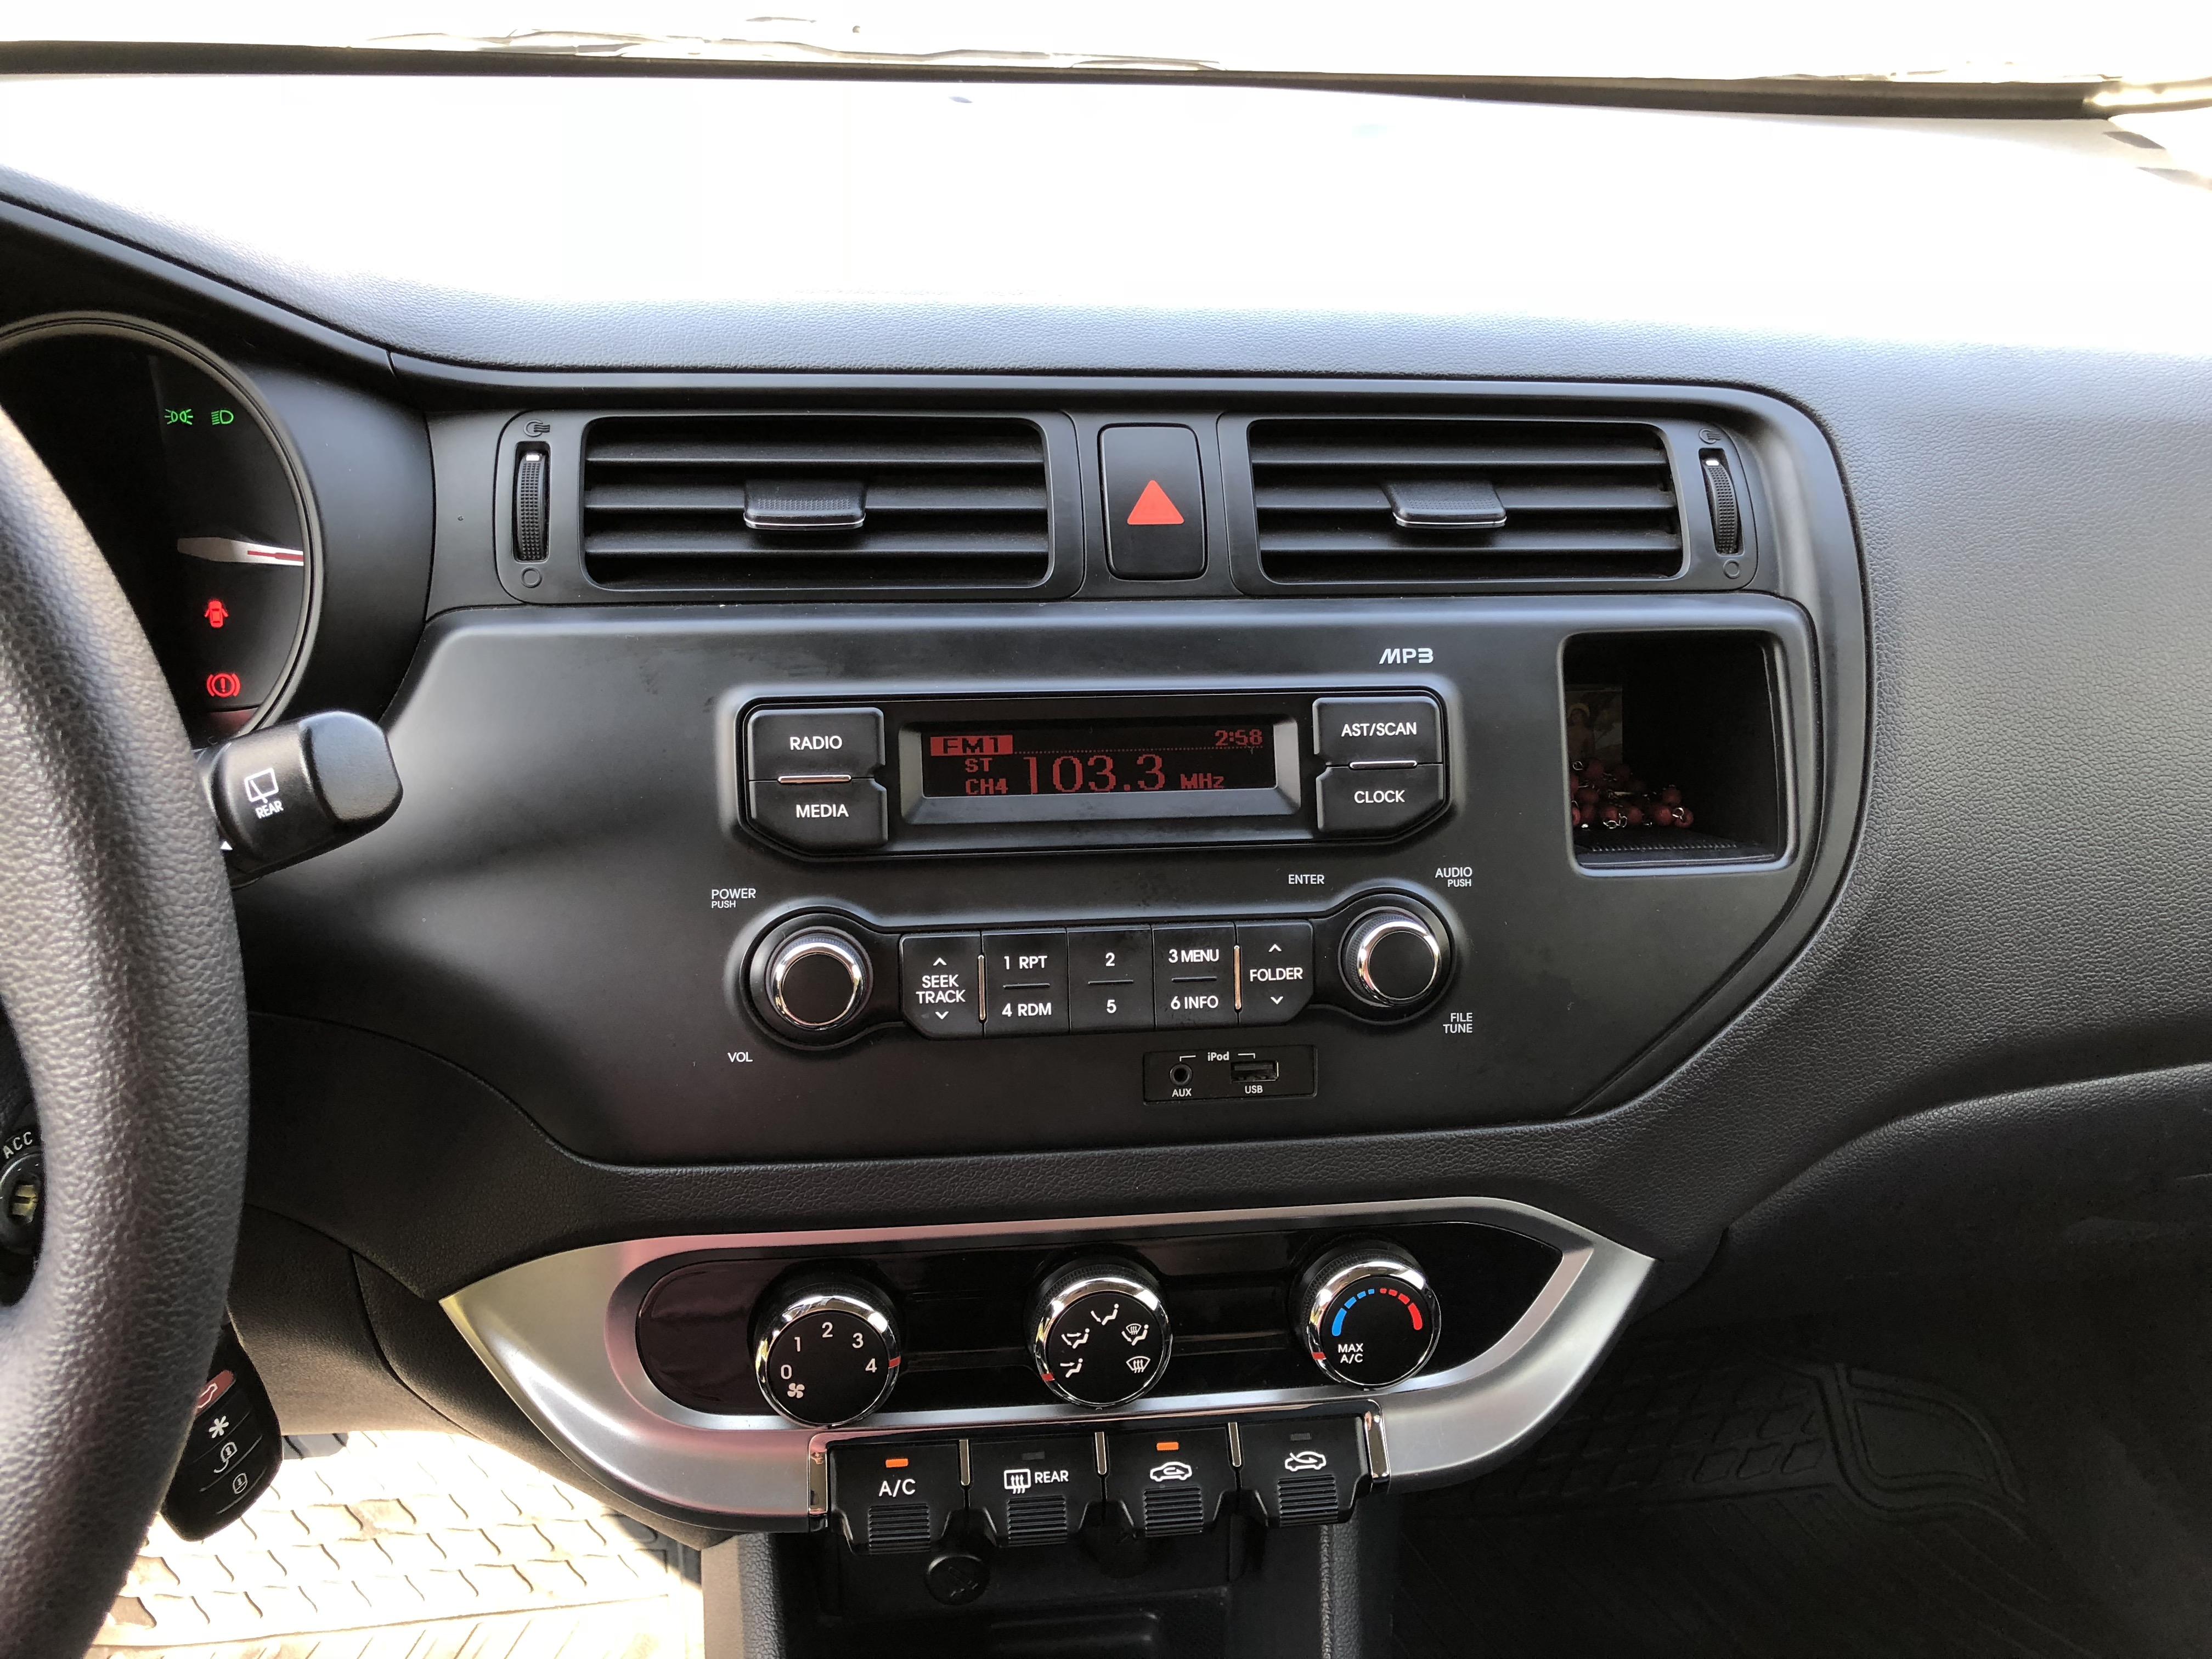 Kia Rio 5 UB EX 1.4L 6MT DAB ABS AC año 2013